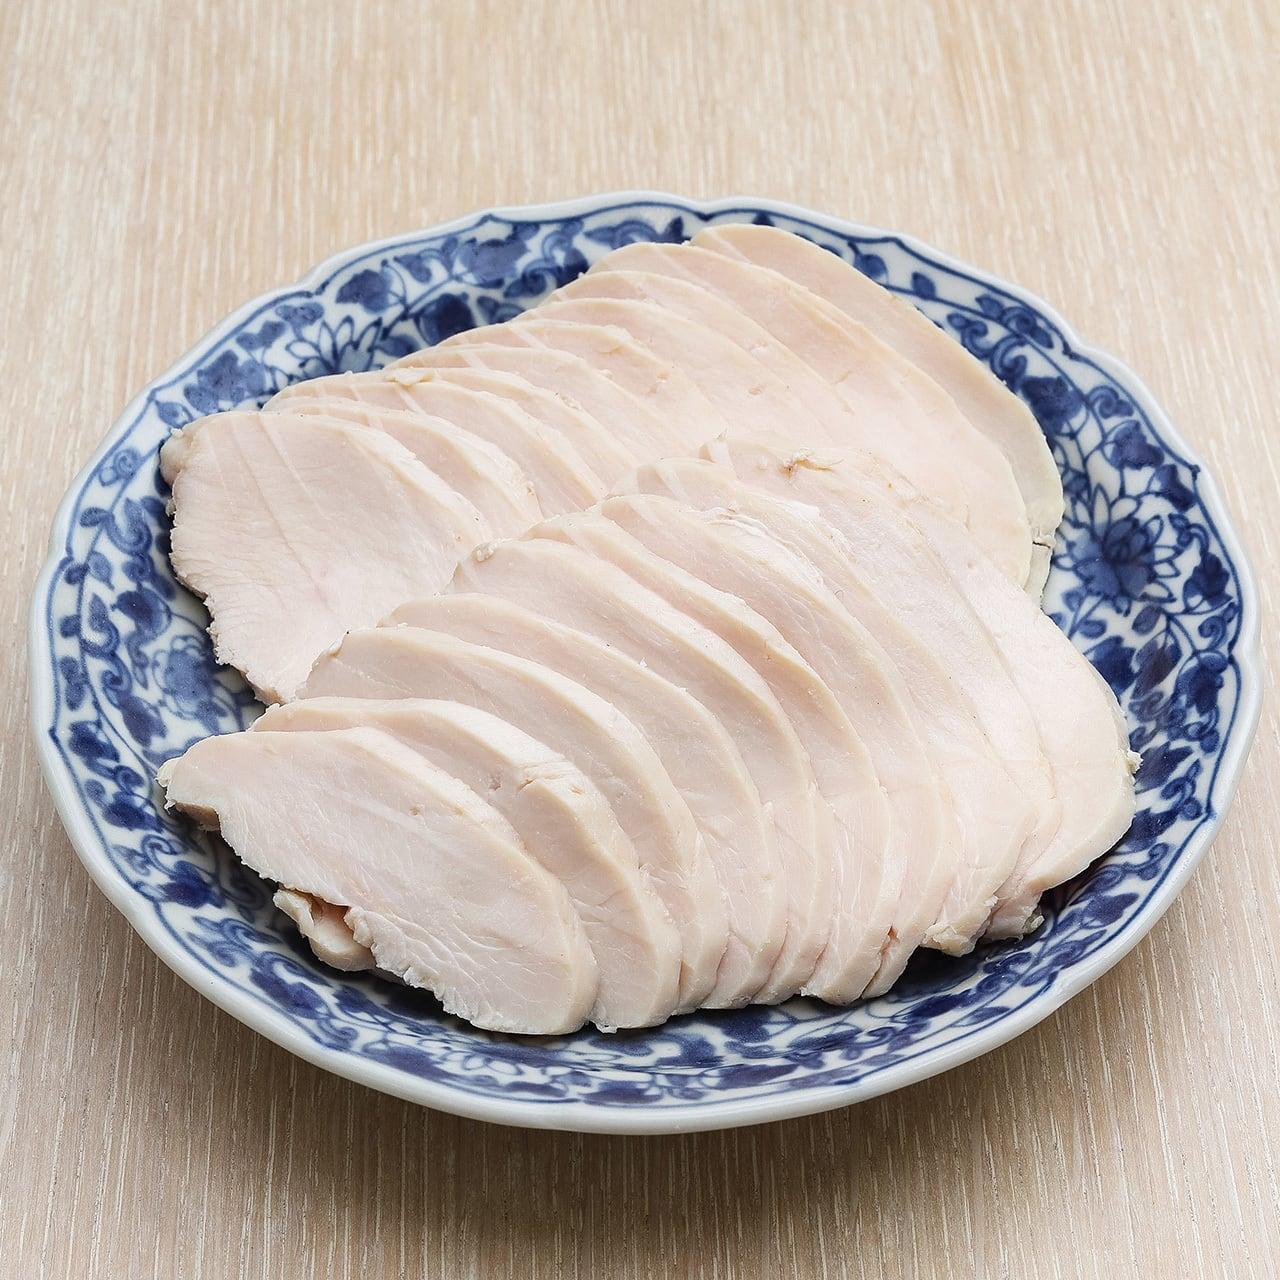 特製鶏チャーシュー 1個(約230g)